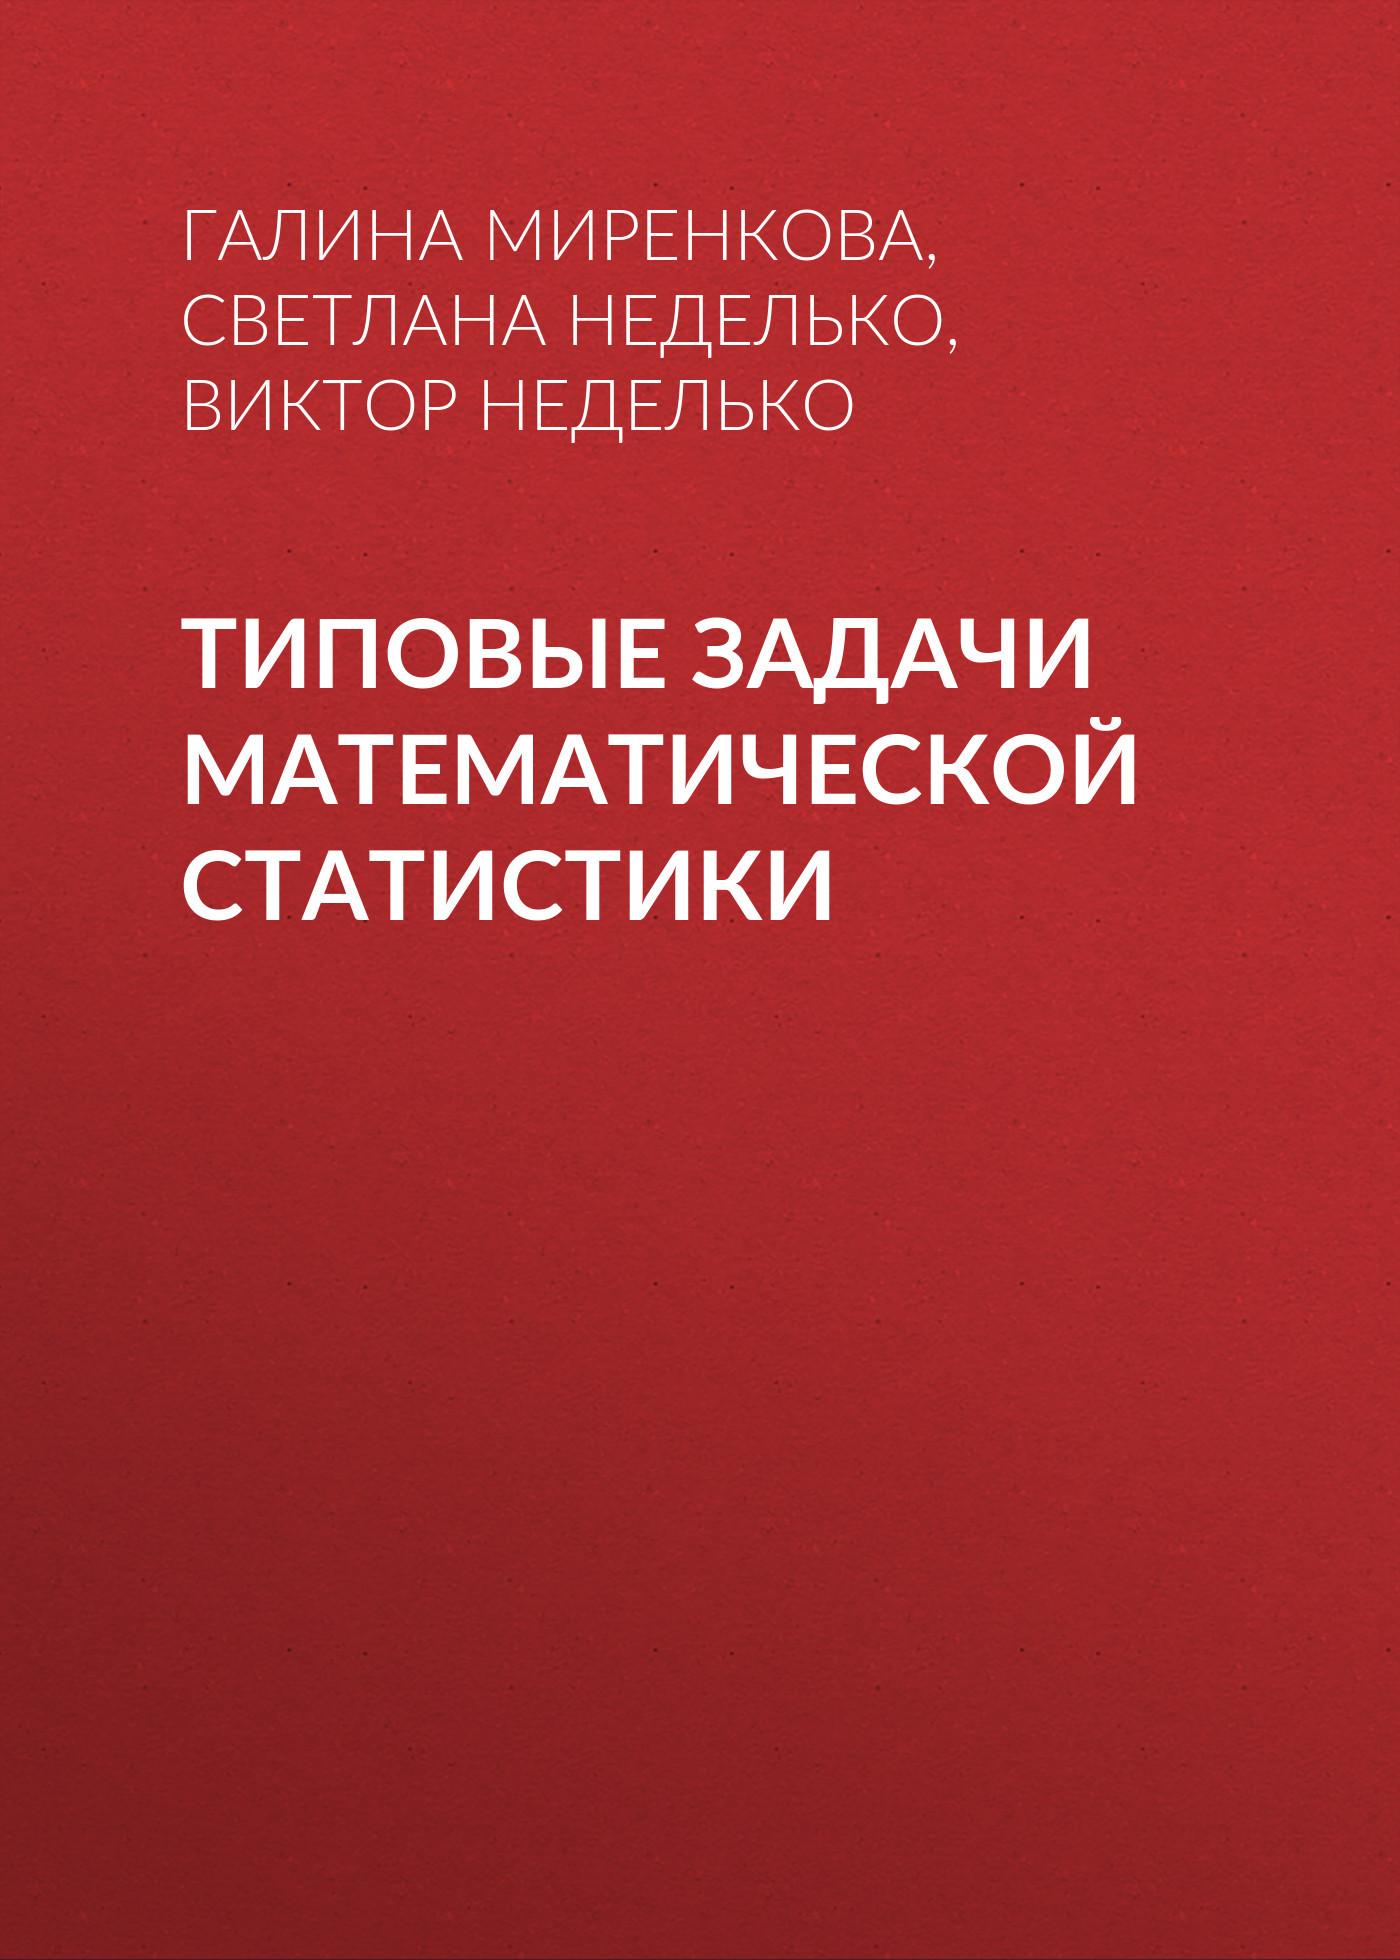 Галина Миренкова Типовые задачи математической статистики ISBN: 978-5-7782-2481-0 энциклопедия шахматной статистики